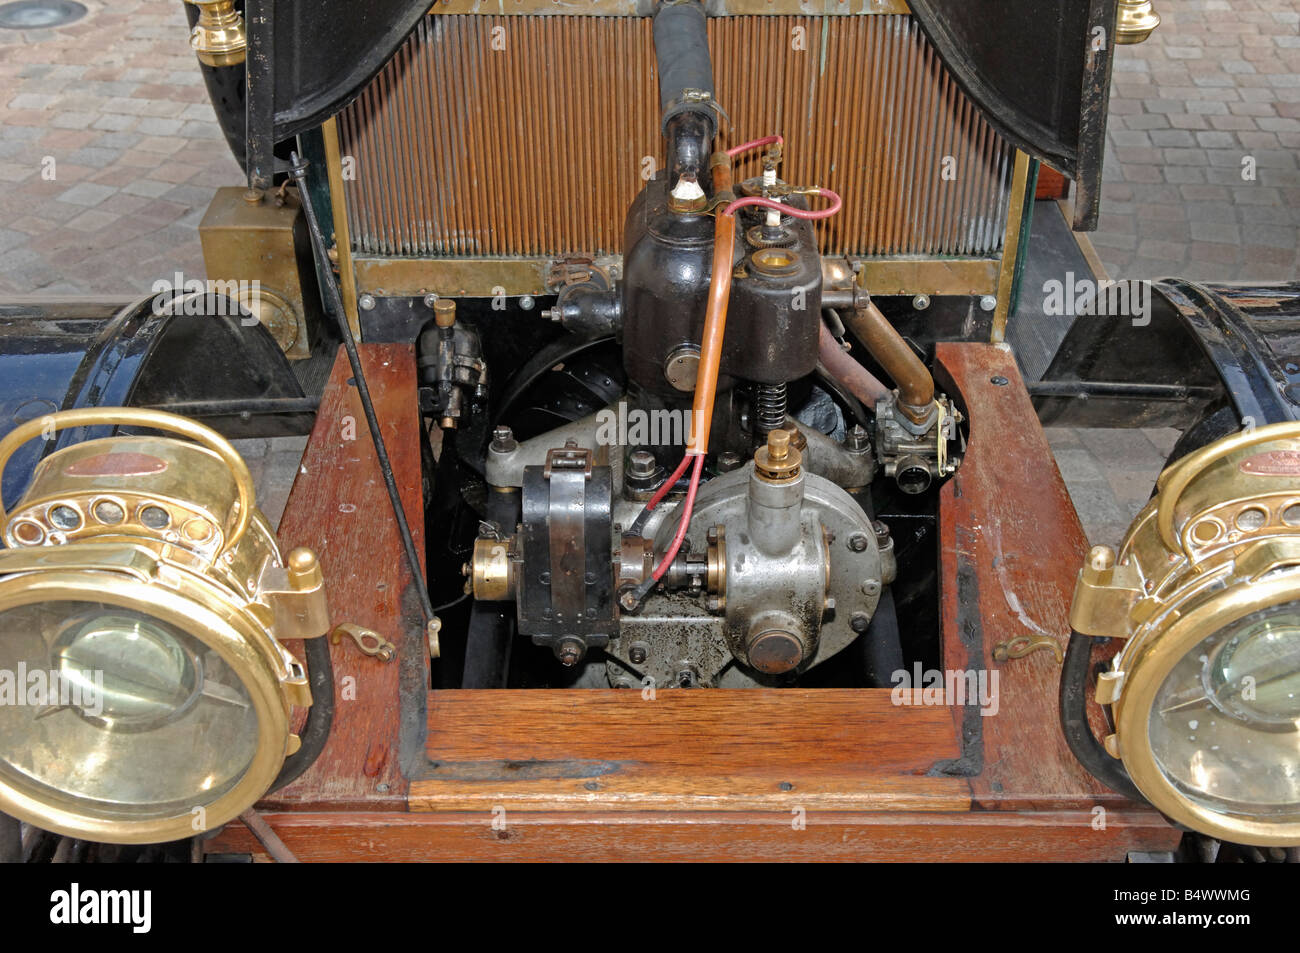 De Dion Bouton Phaeton engine at the Tour de Bretagne 2008 - Stock Image